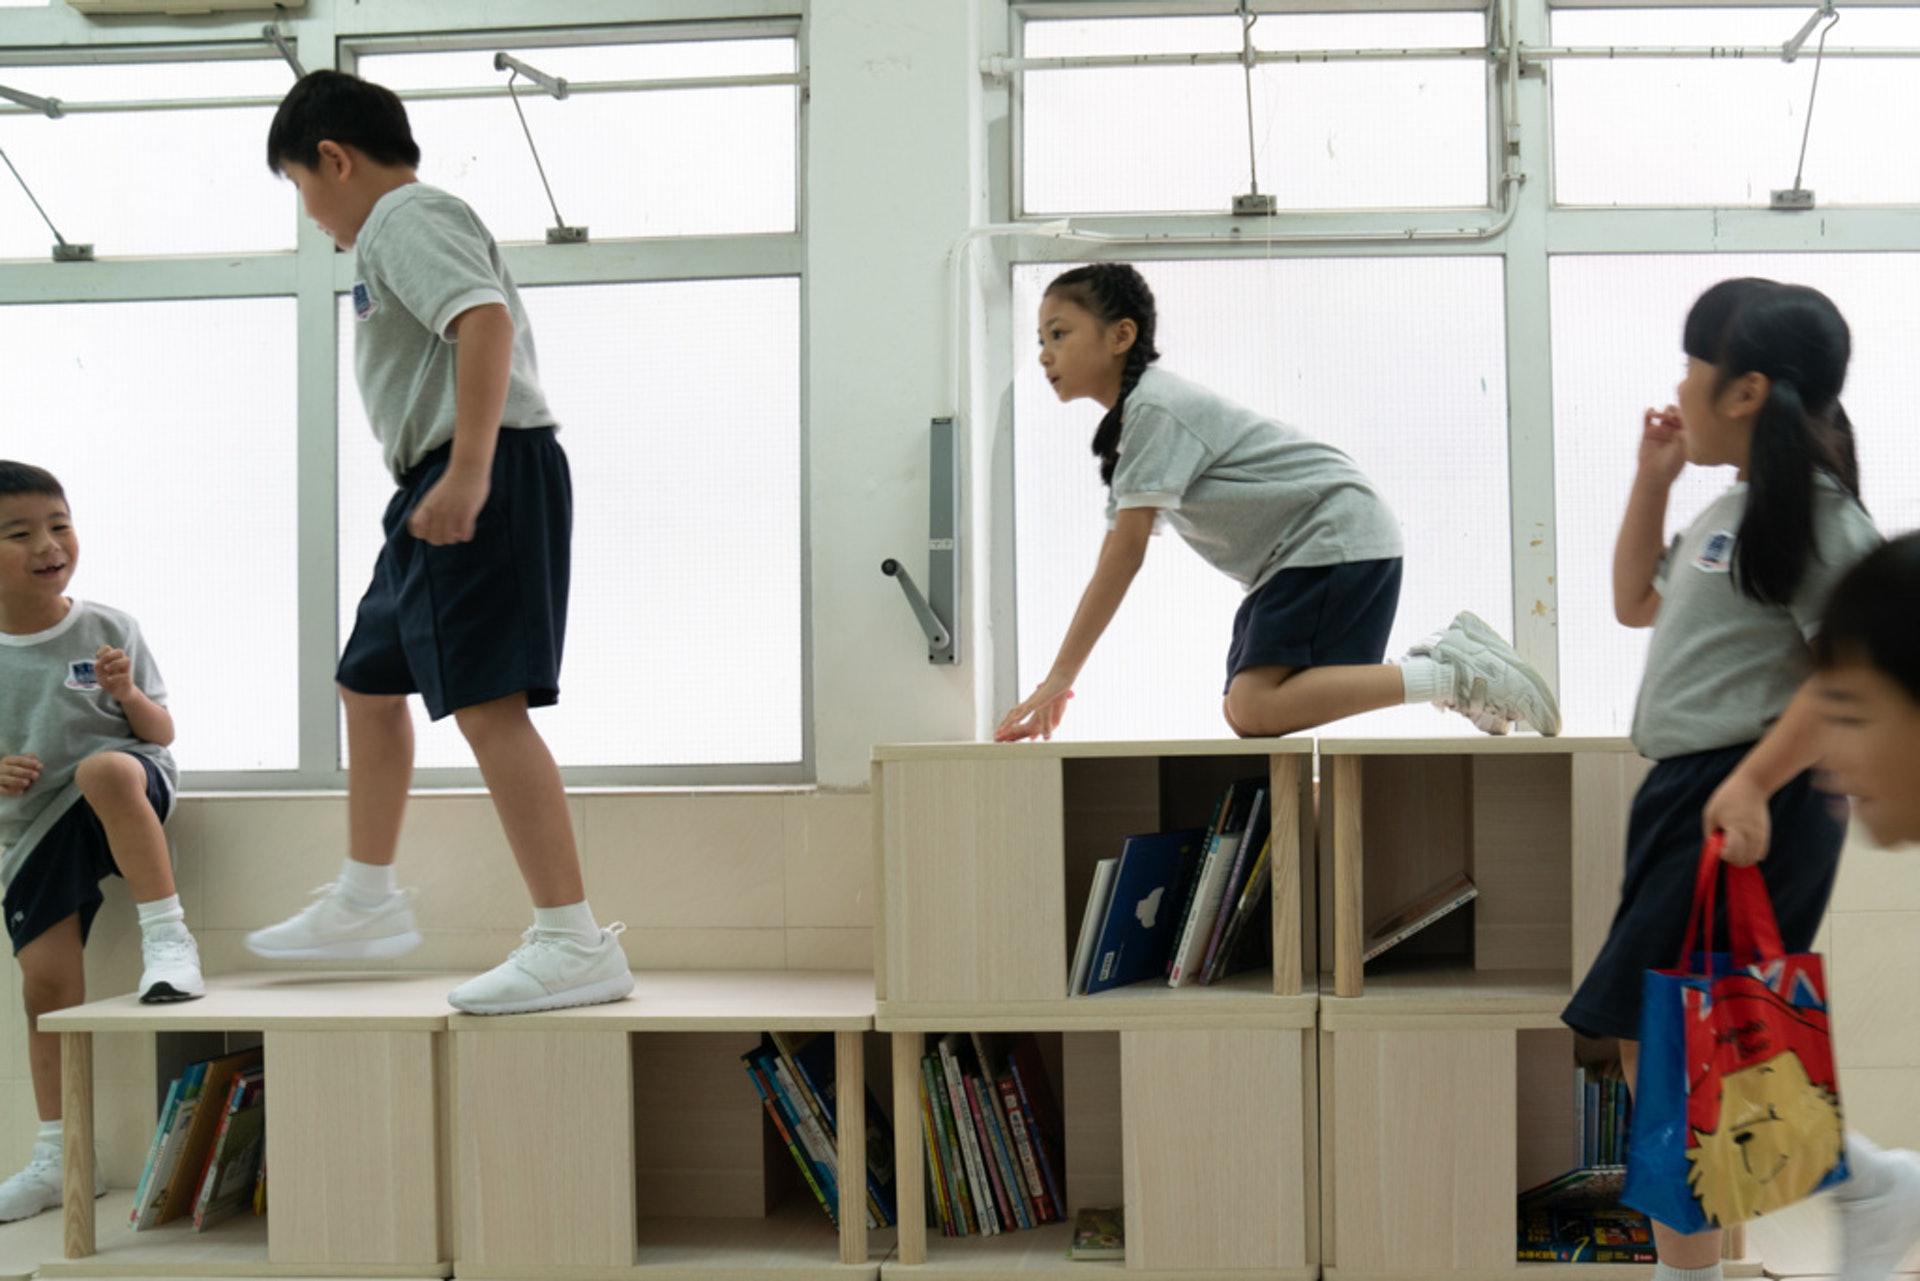 禮堂和操場的一隅,都有可以當書櫃和座椅的格仔櫃。